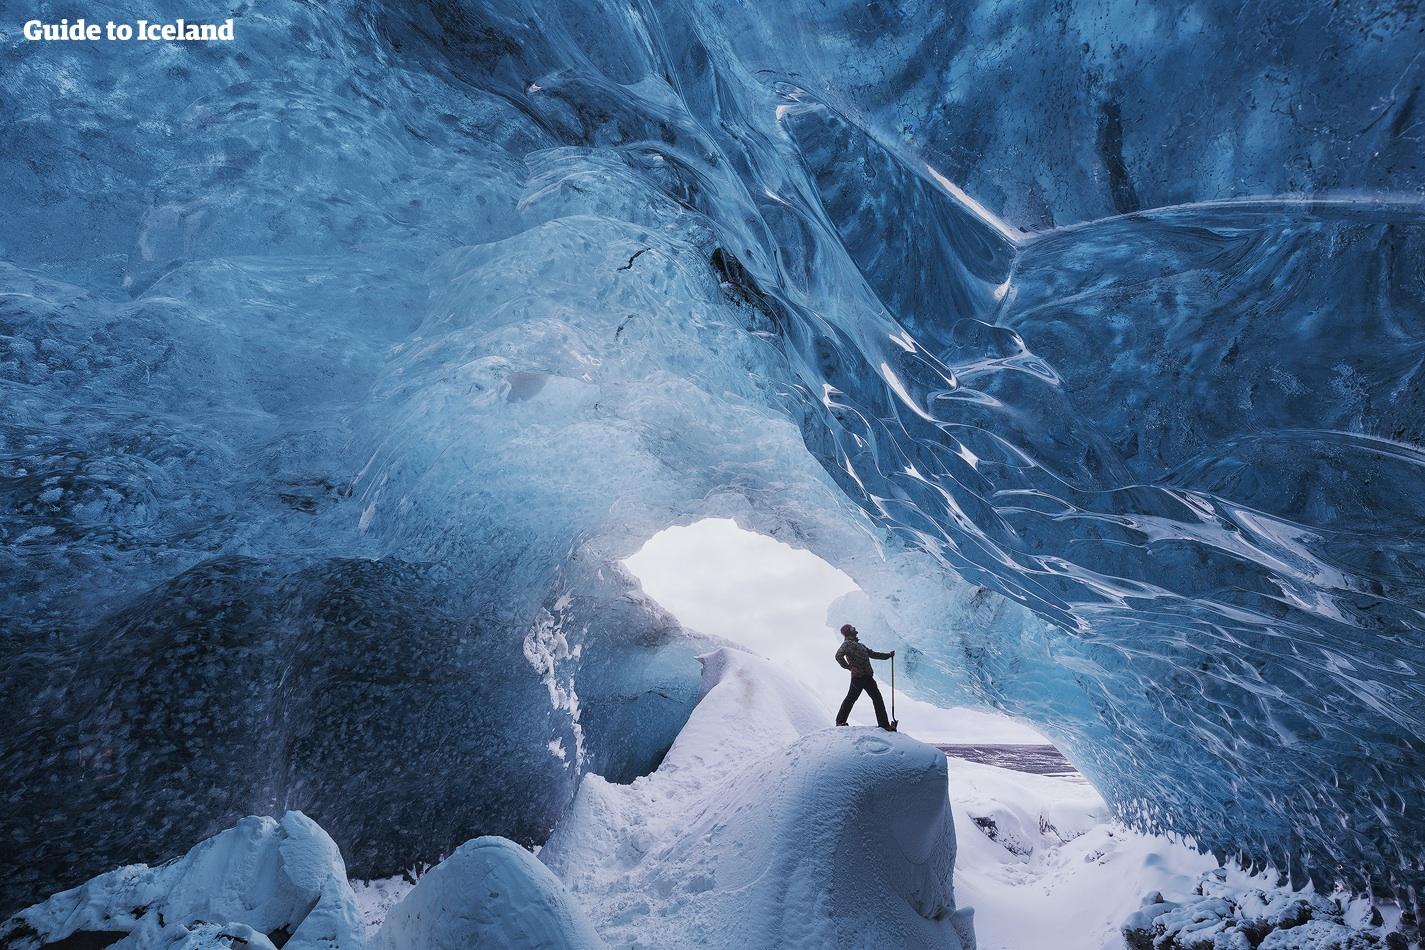 """При посещении ледяной пещеры необходимо надевать шлем и """"кошки"""", поэтому заранее позаботьтесь о том, чтобы на вас была тонкая шапочка в качестве подшлемника и хорошие походные ботинки."""